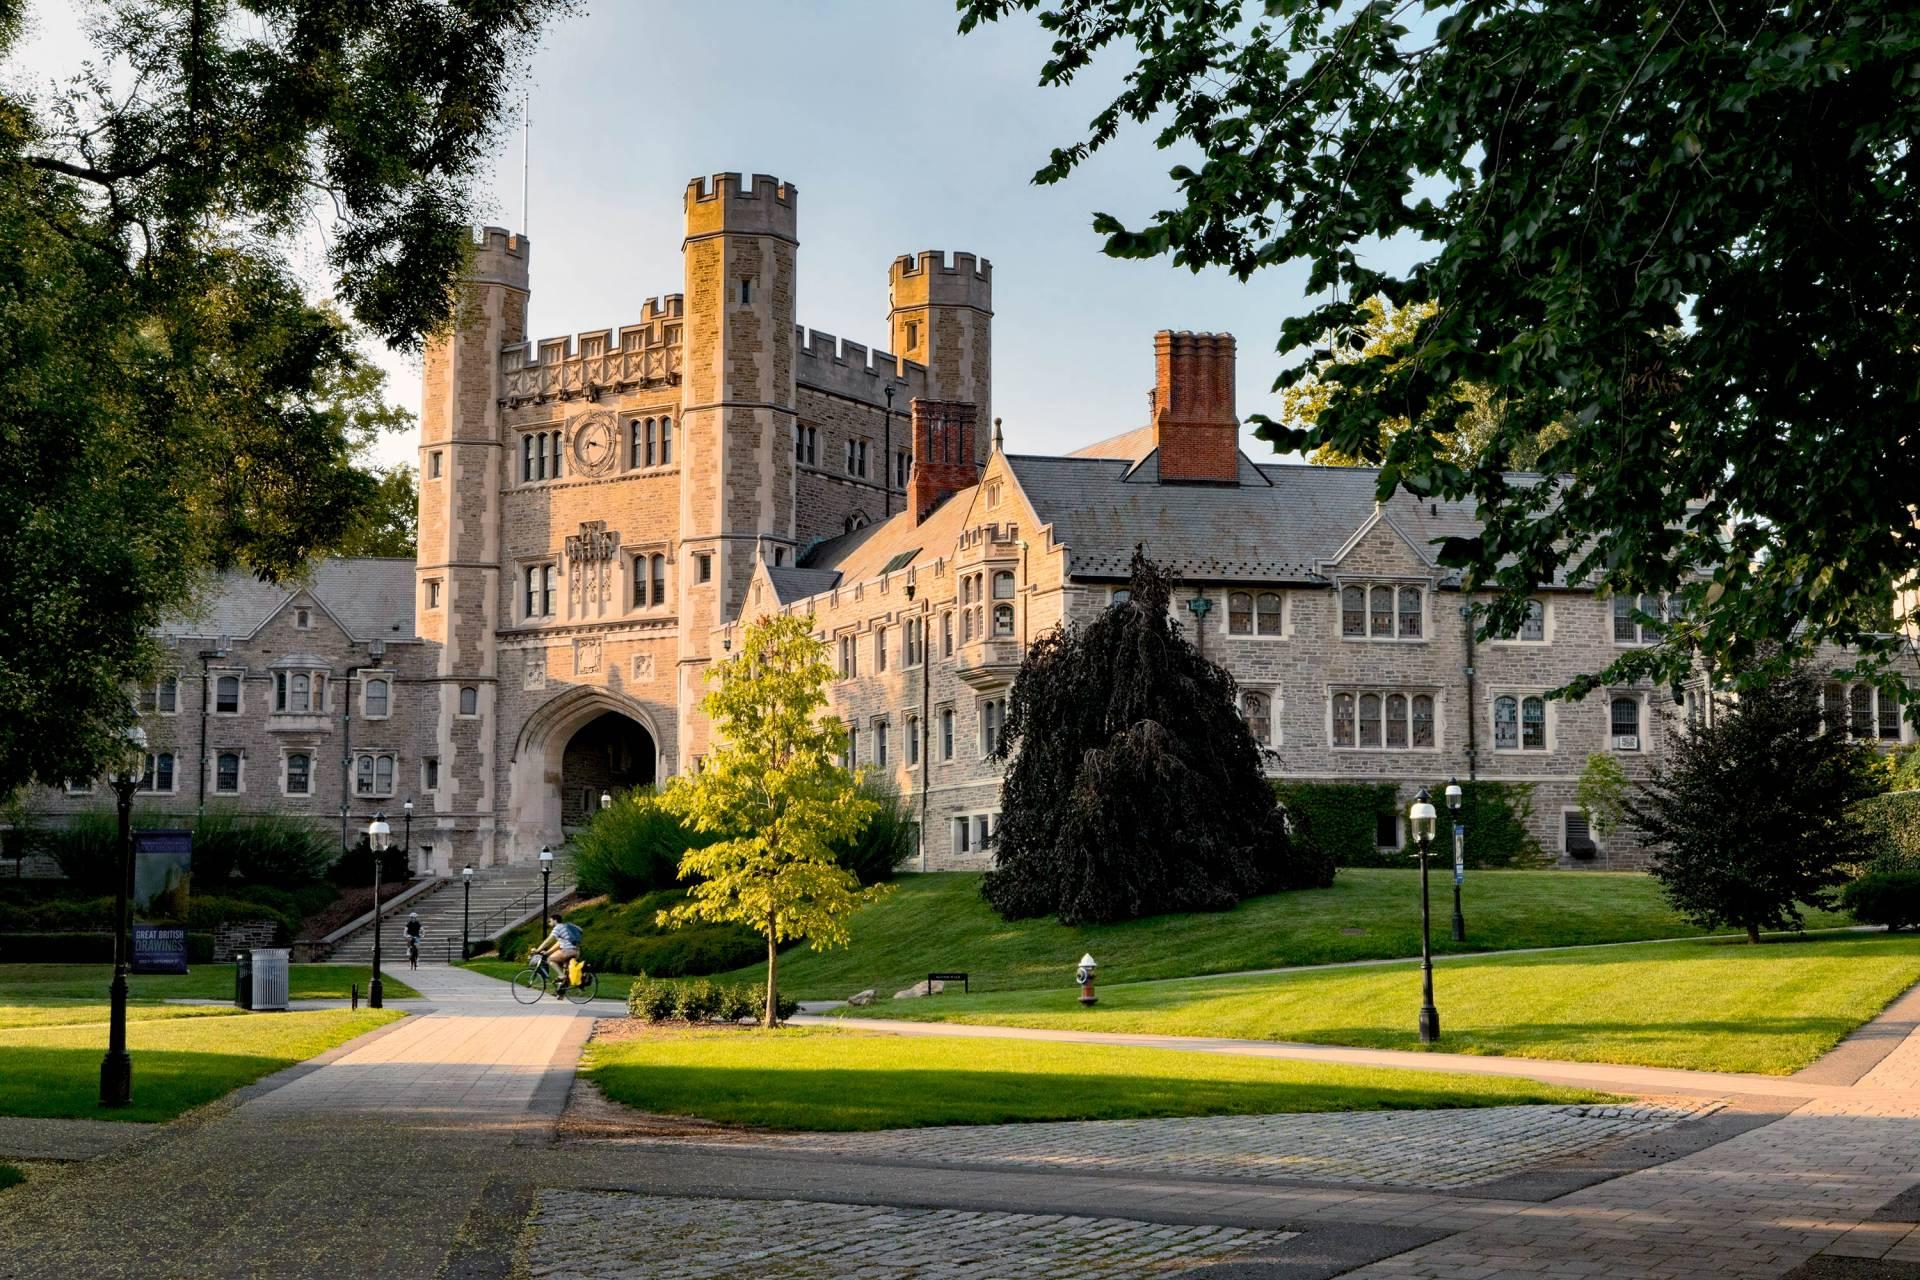 Princeton toglie l'obbligo di studiare greco e latino perché razzisti? Non proprio